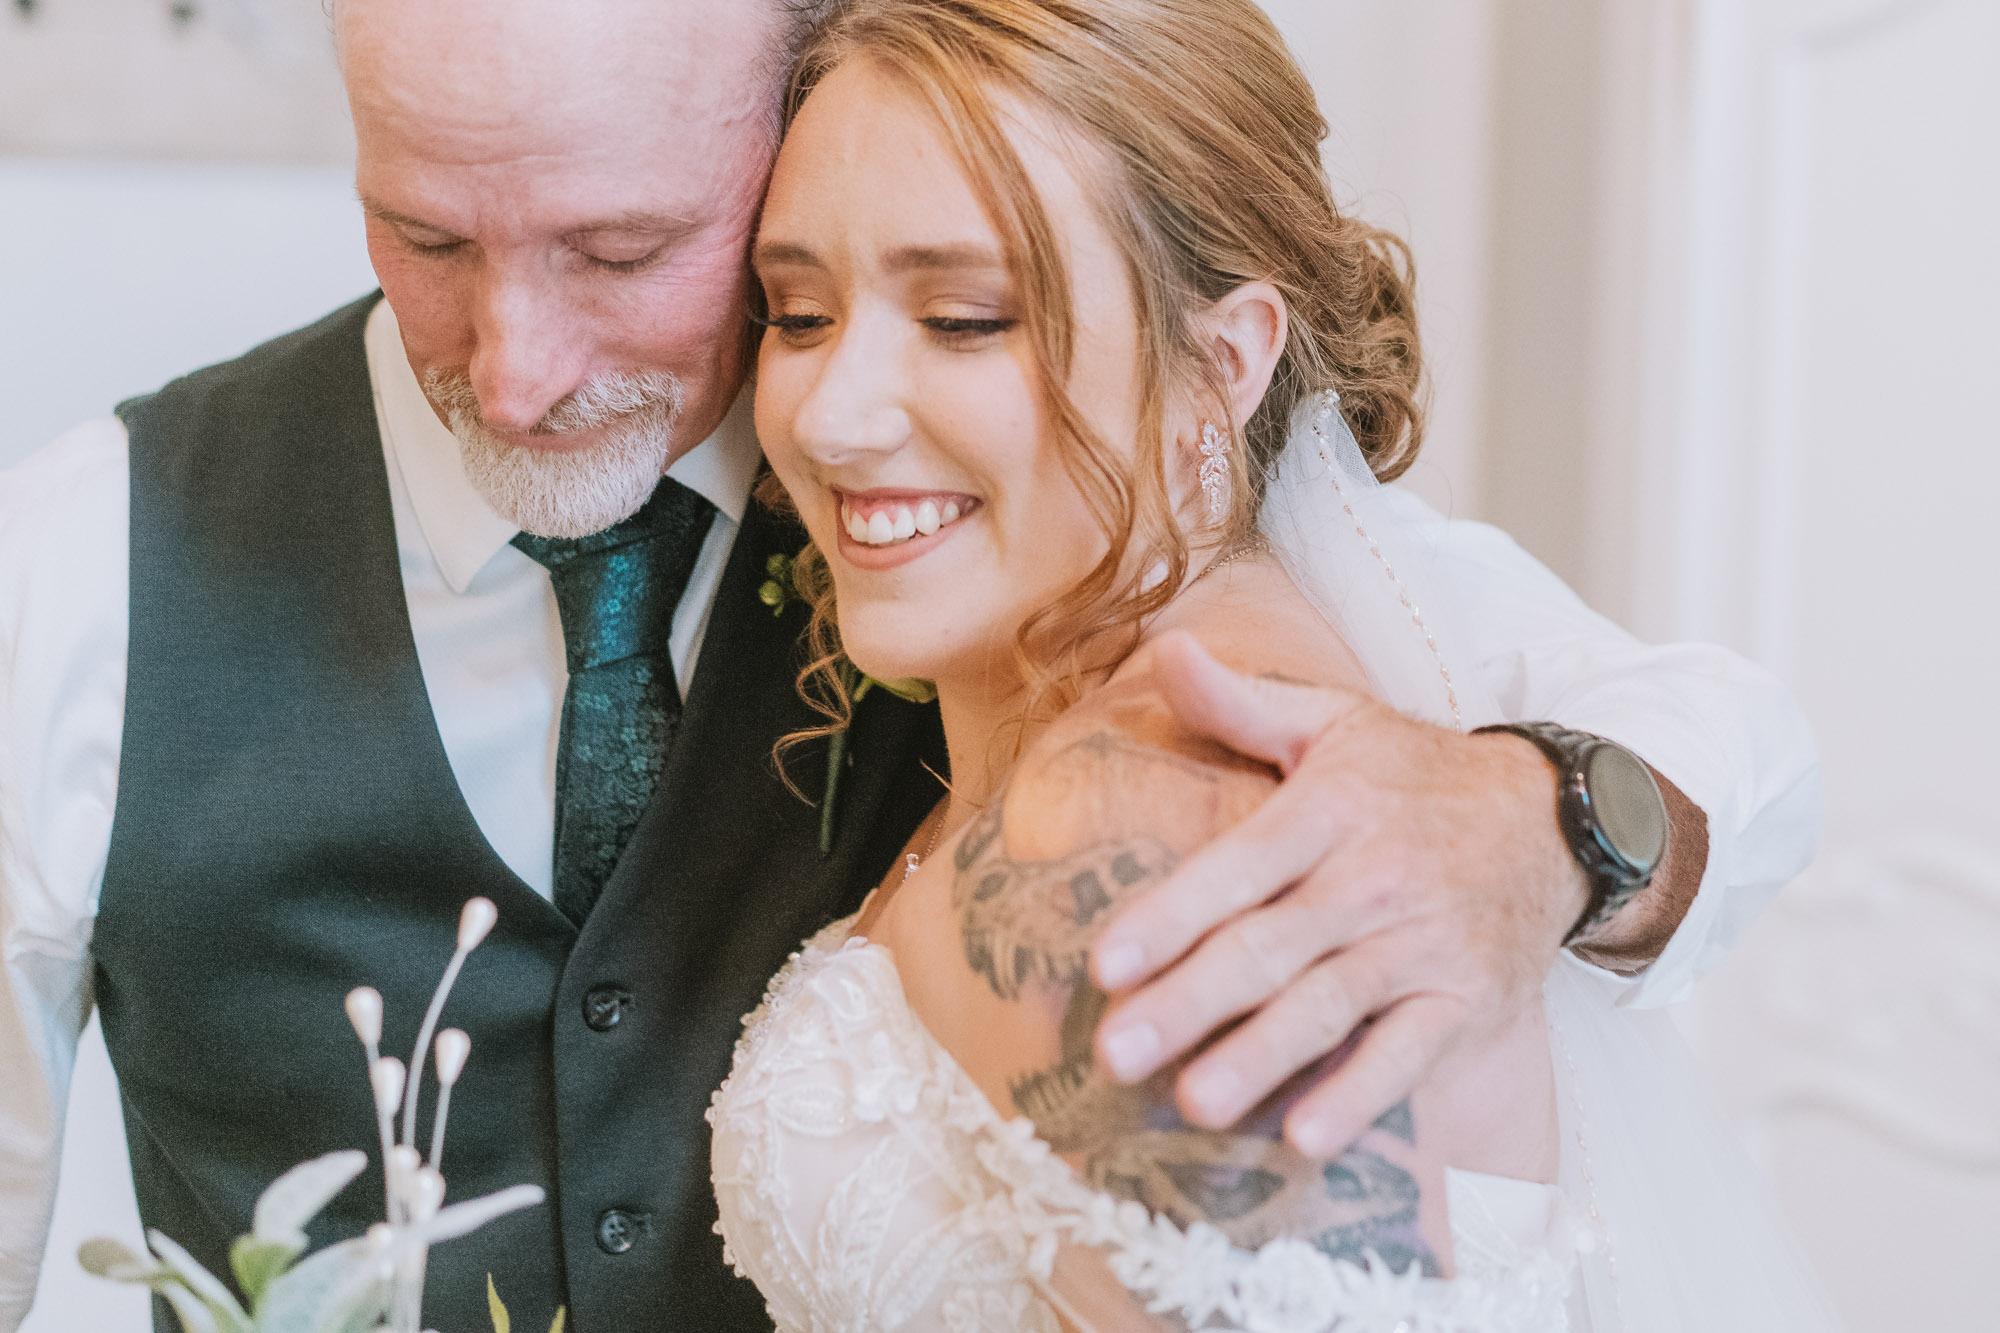 father and bride hug at wedding